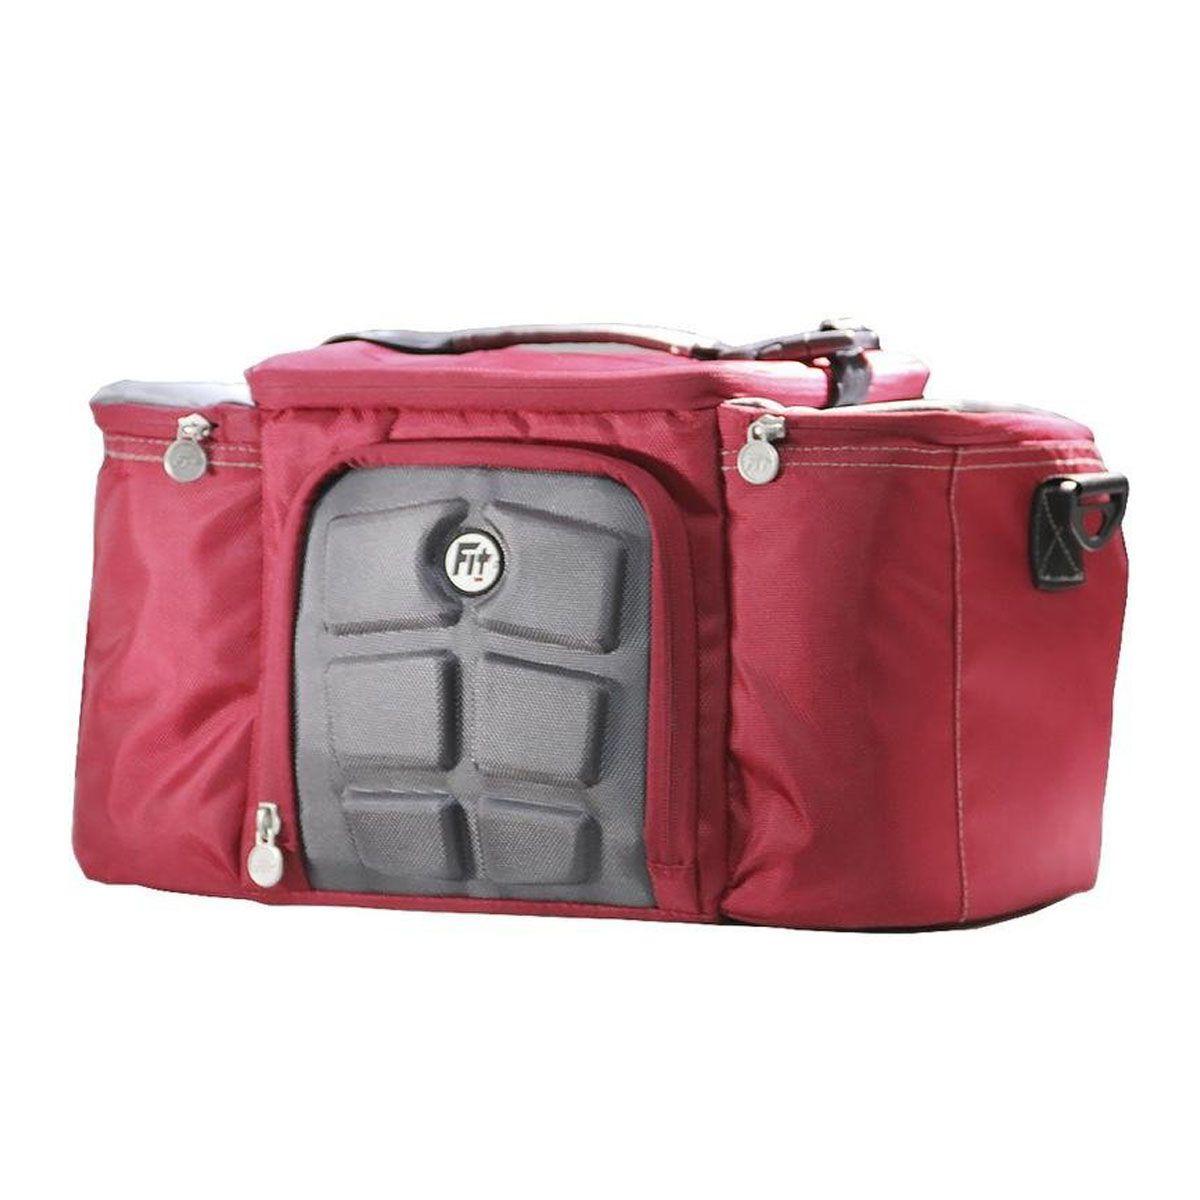 Bolsa Térmica - Fit Bag